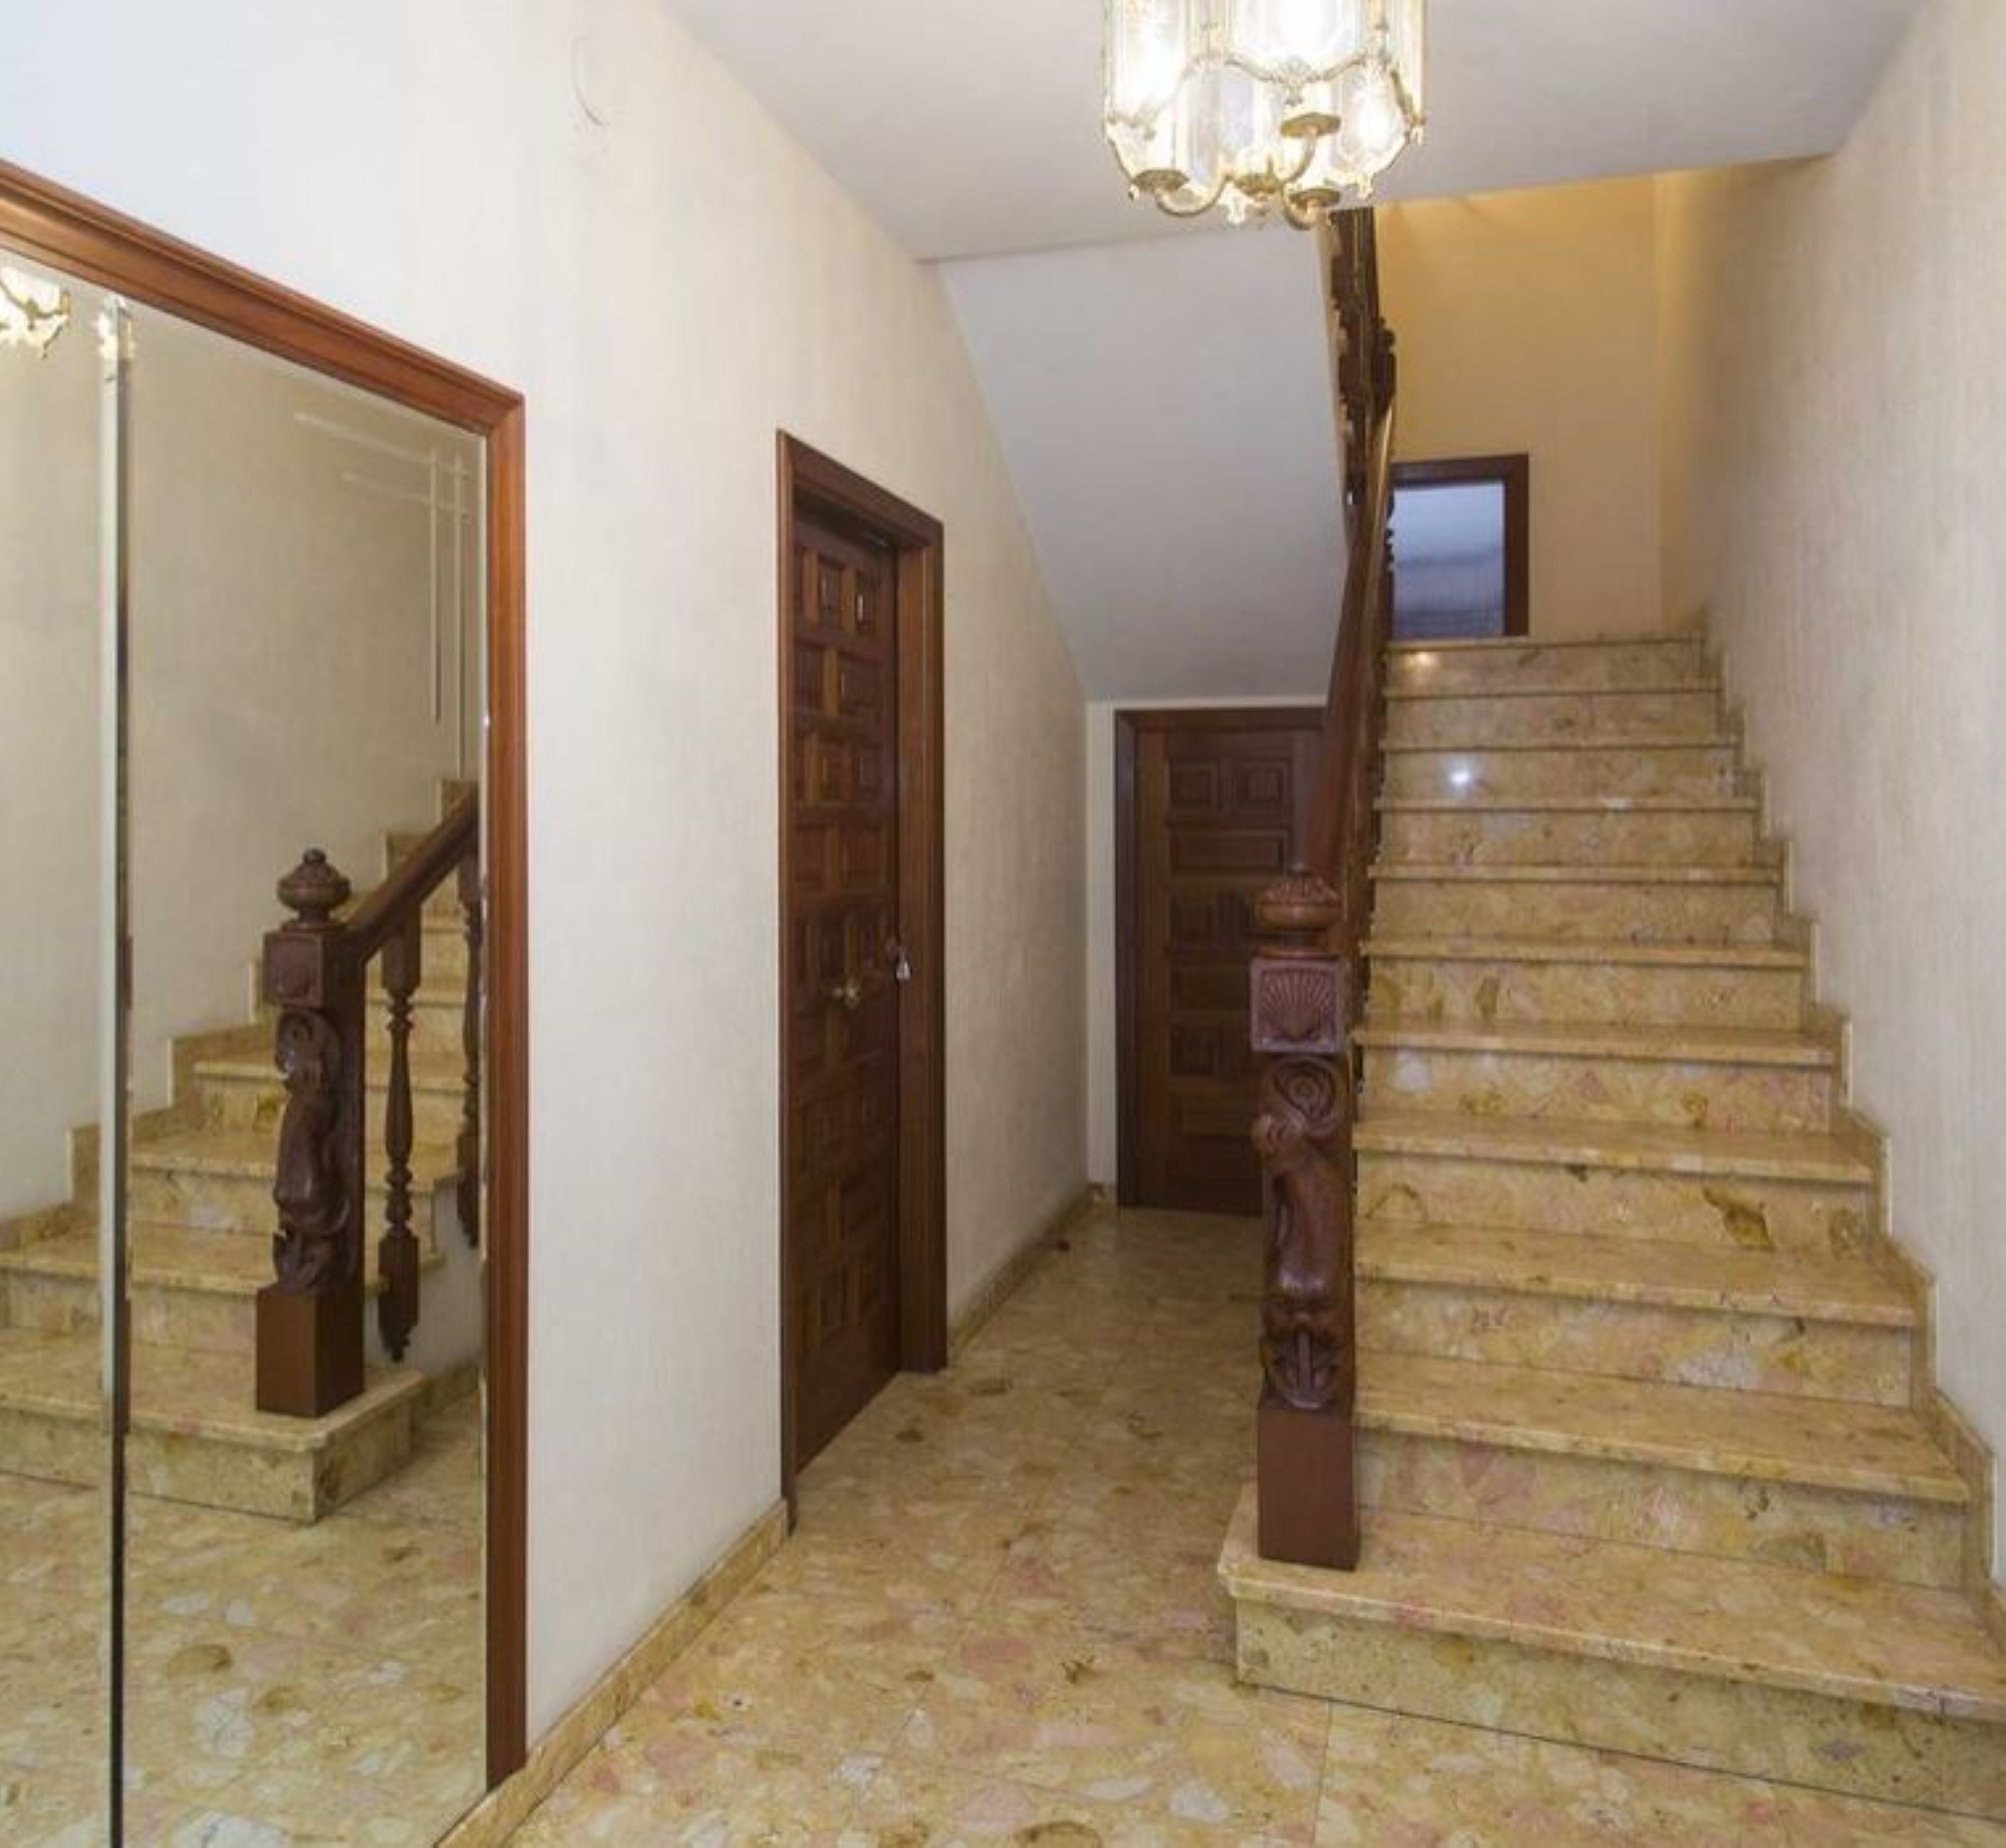 Ferienwohnung Apartment - 3 Bedrooms with WiFi - 100370 (1937622), Bon, Rias Bajas, Galicien, Spanien, Bild 11